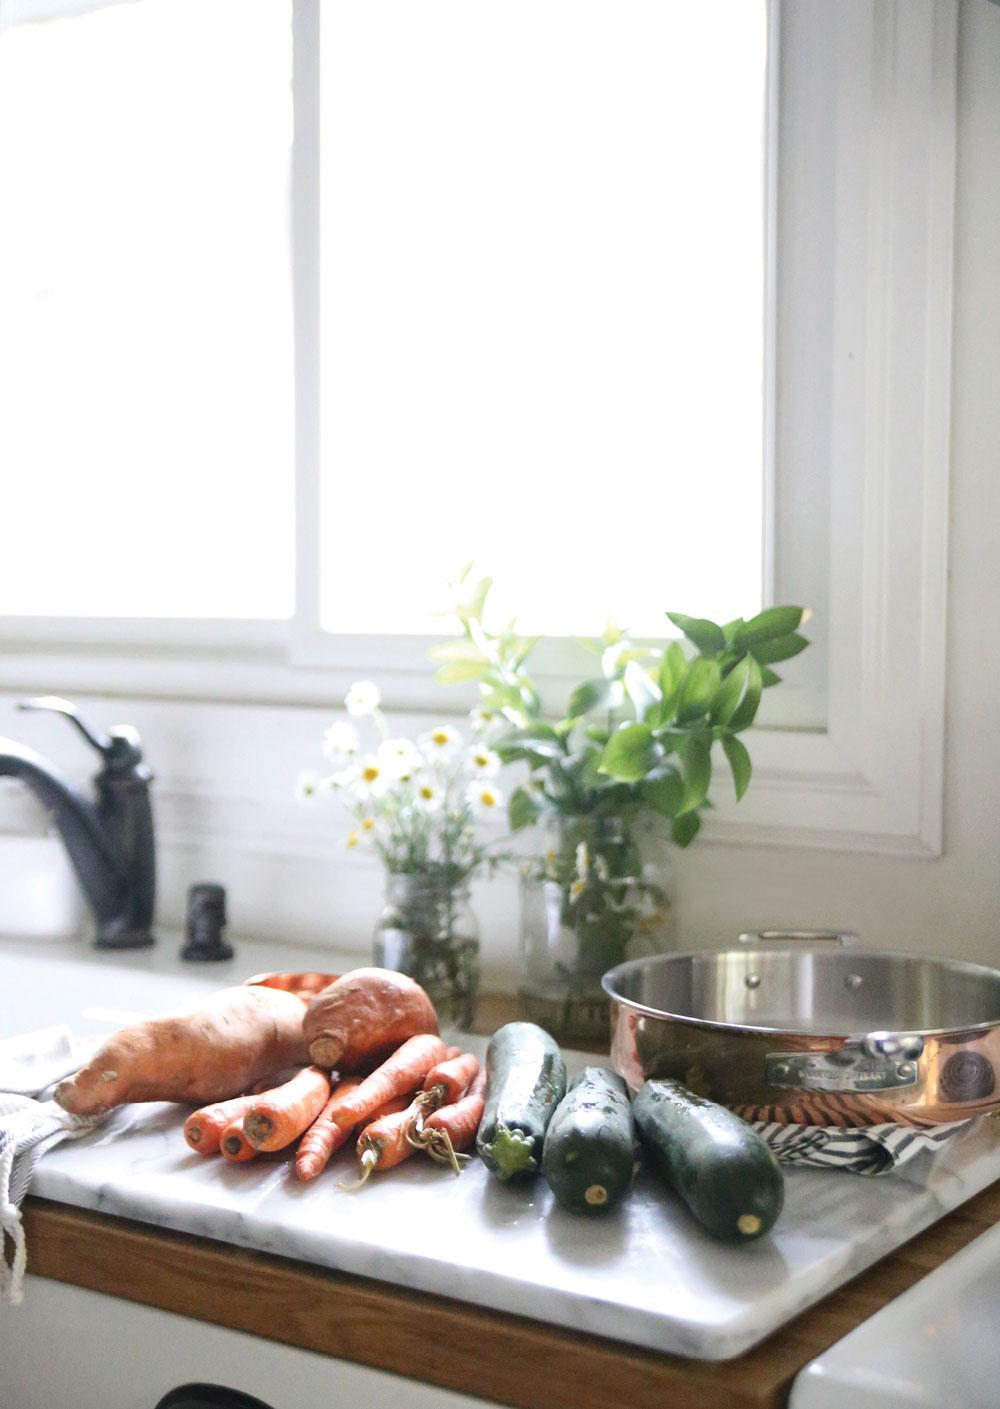 Sweet-Potato-Zoodle-Stir-Fry-Pure-Ella-Leche-Martha-Stewart-Tri-Ply-Copper-10-Pc.-Cookware-Set3